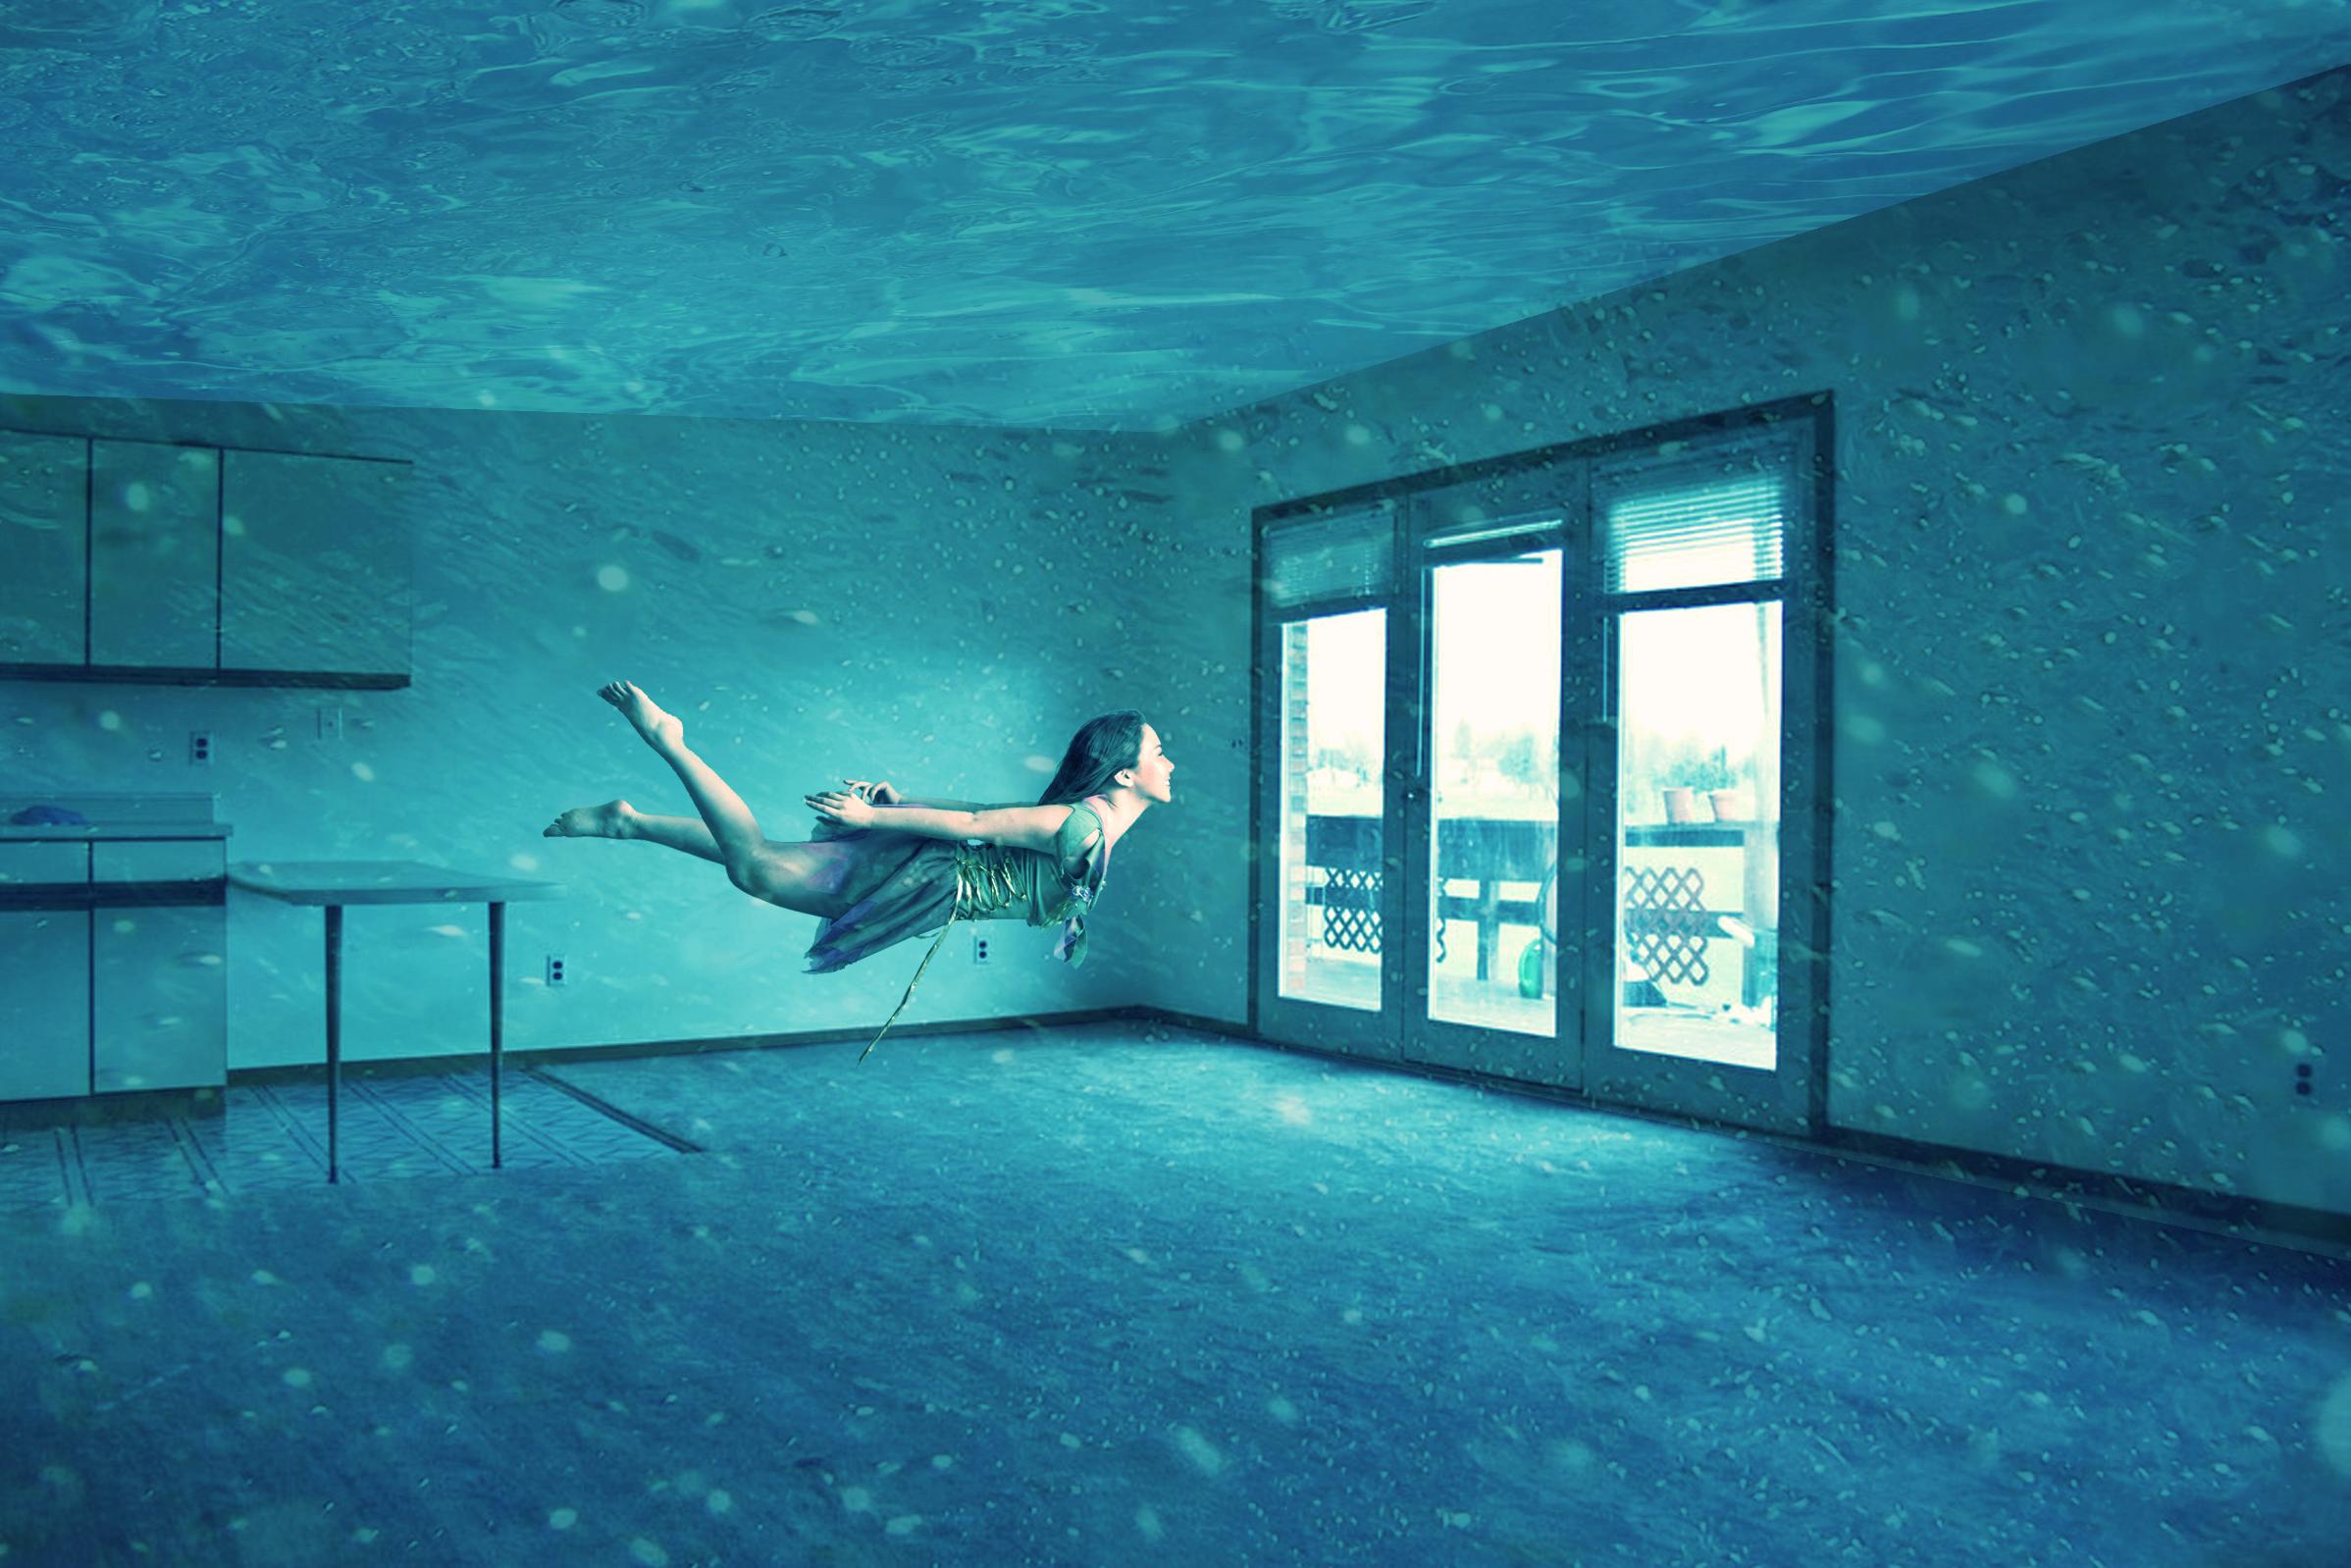 Underwater Apartment By Legendaryrey